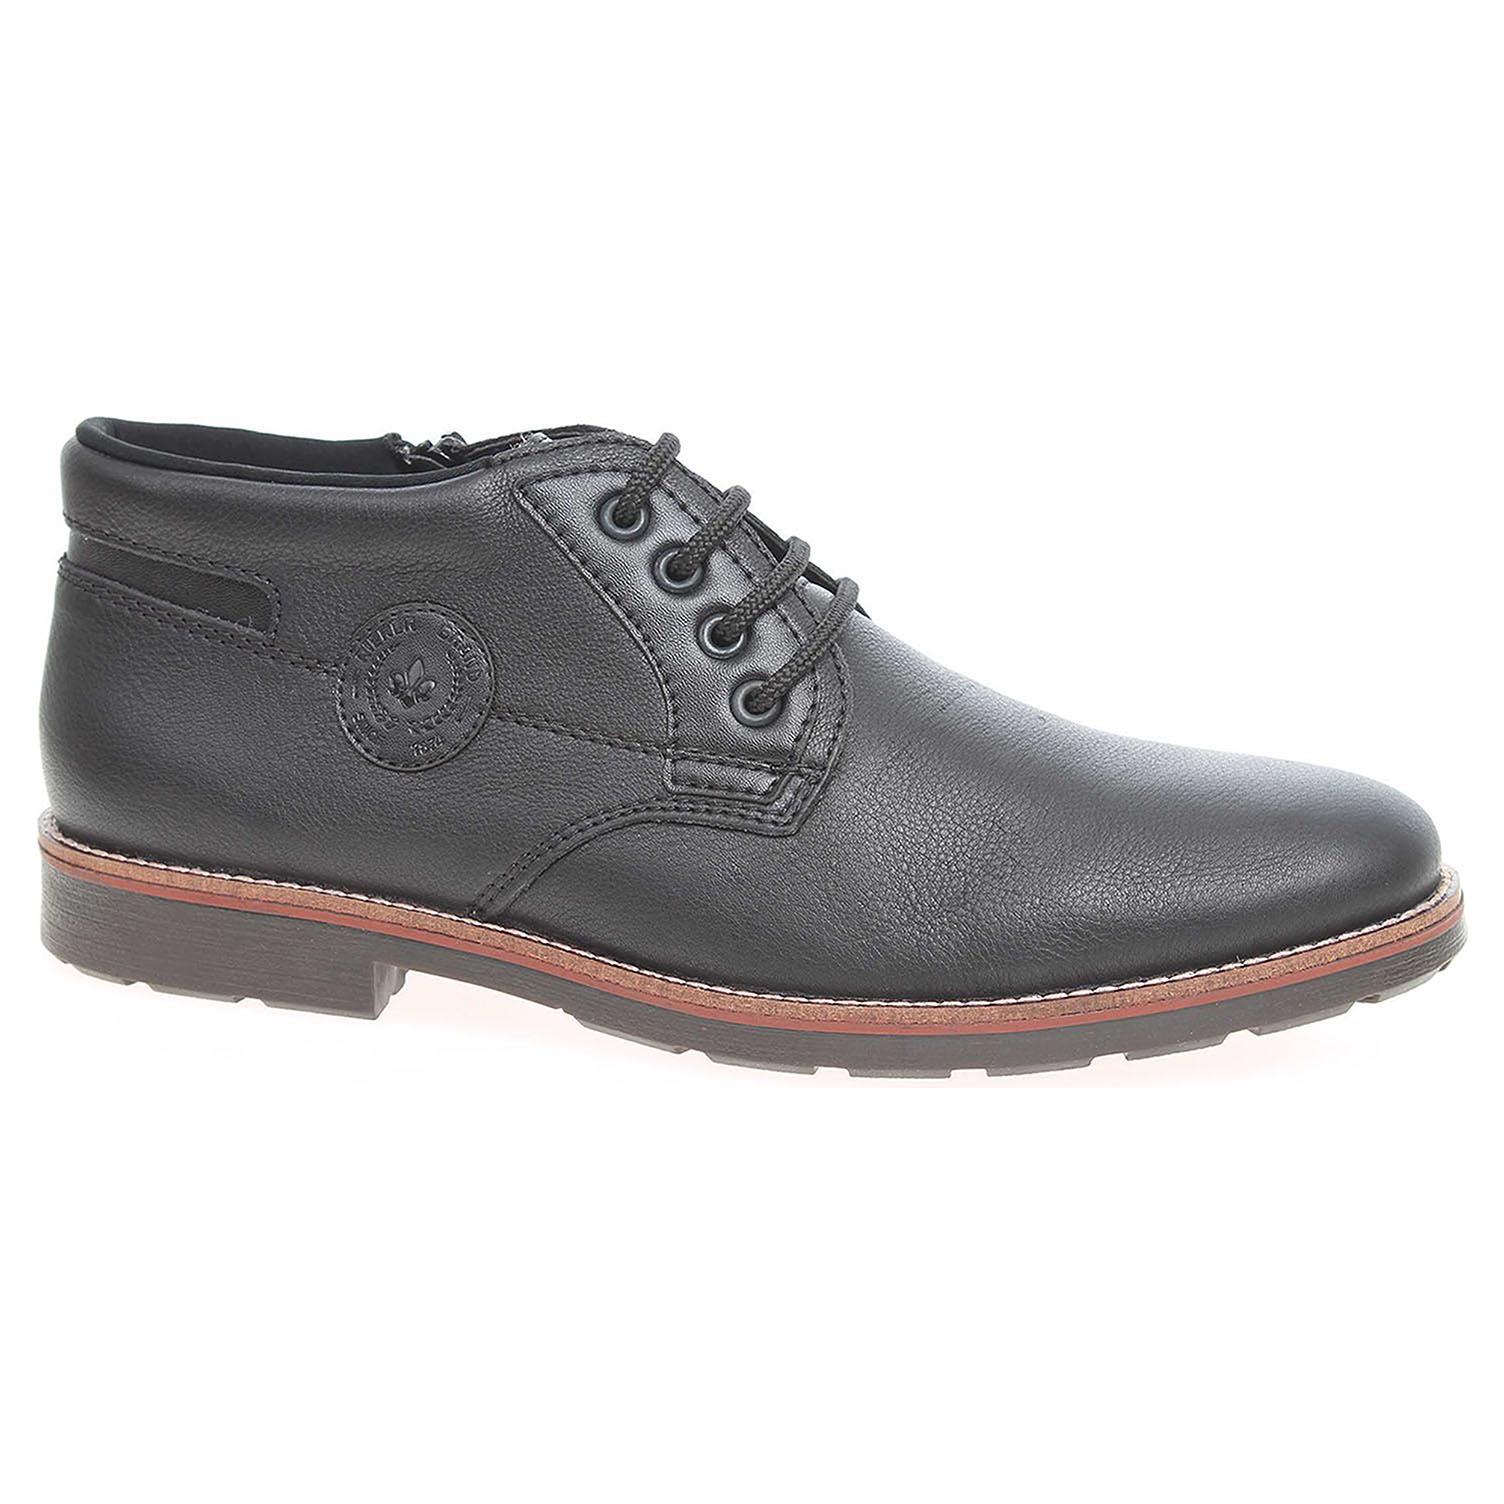 Pánská kotníková obuv Rieker 15339-00 černé 15339-00 44